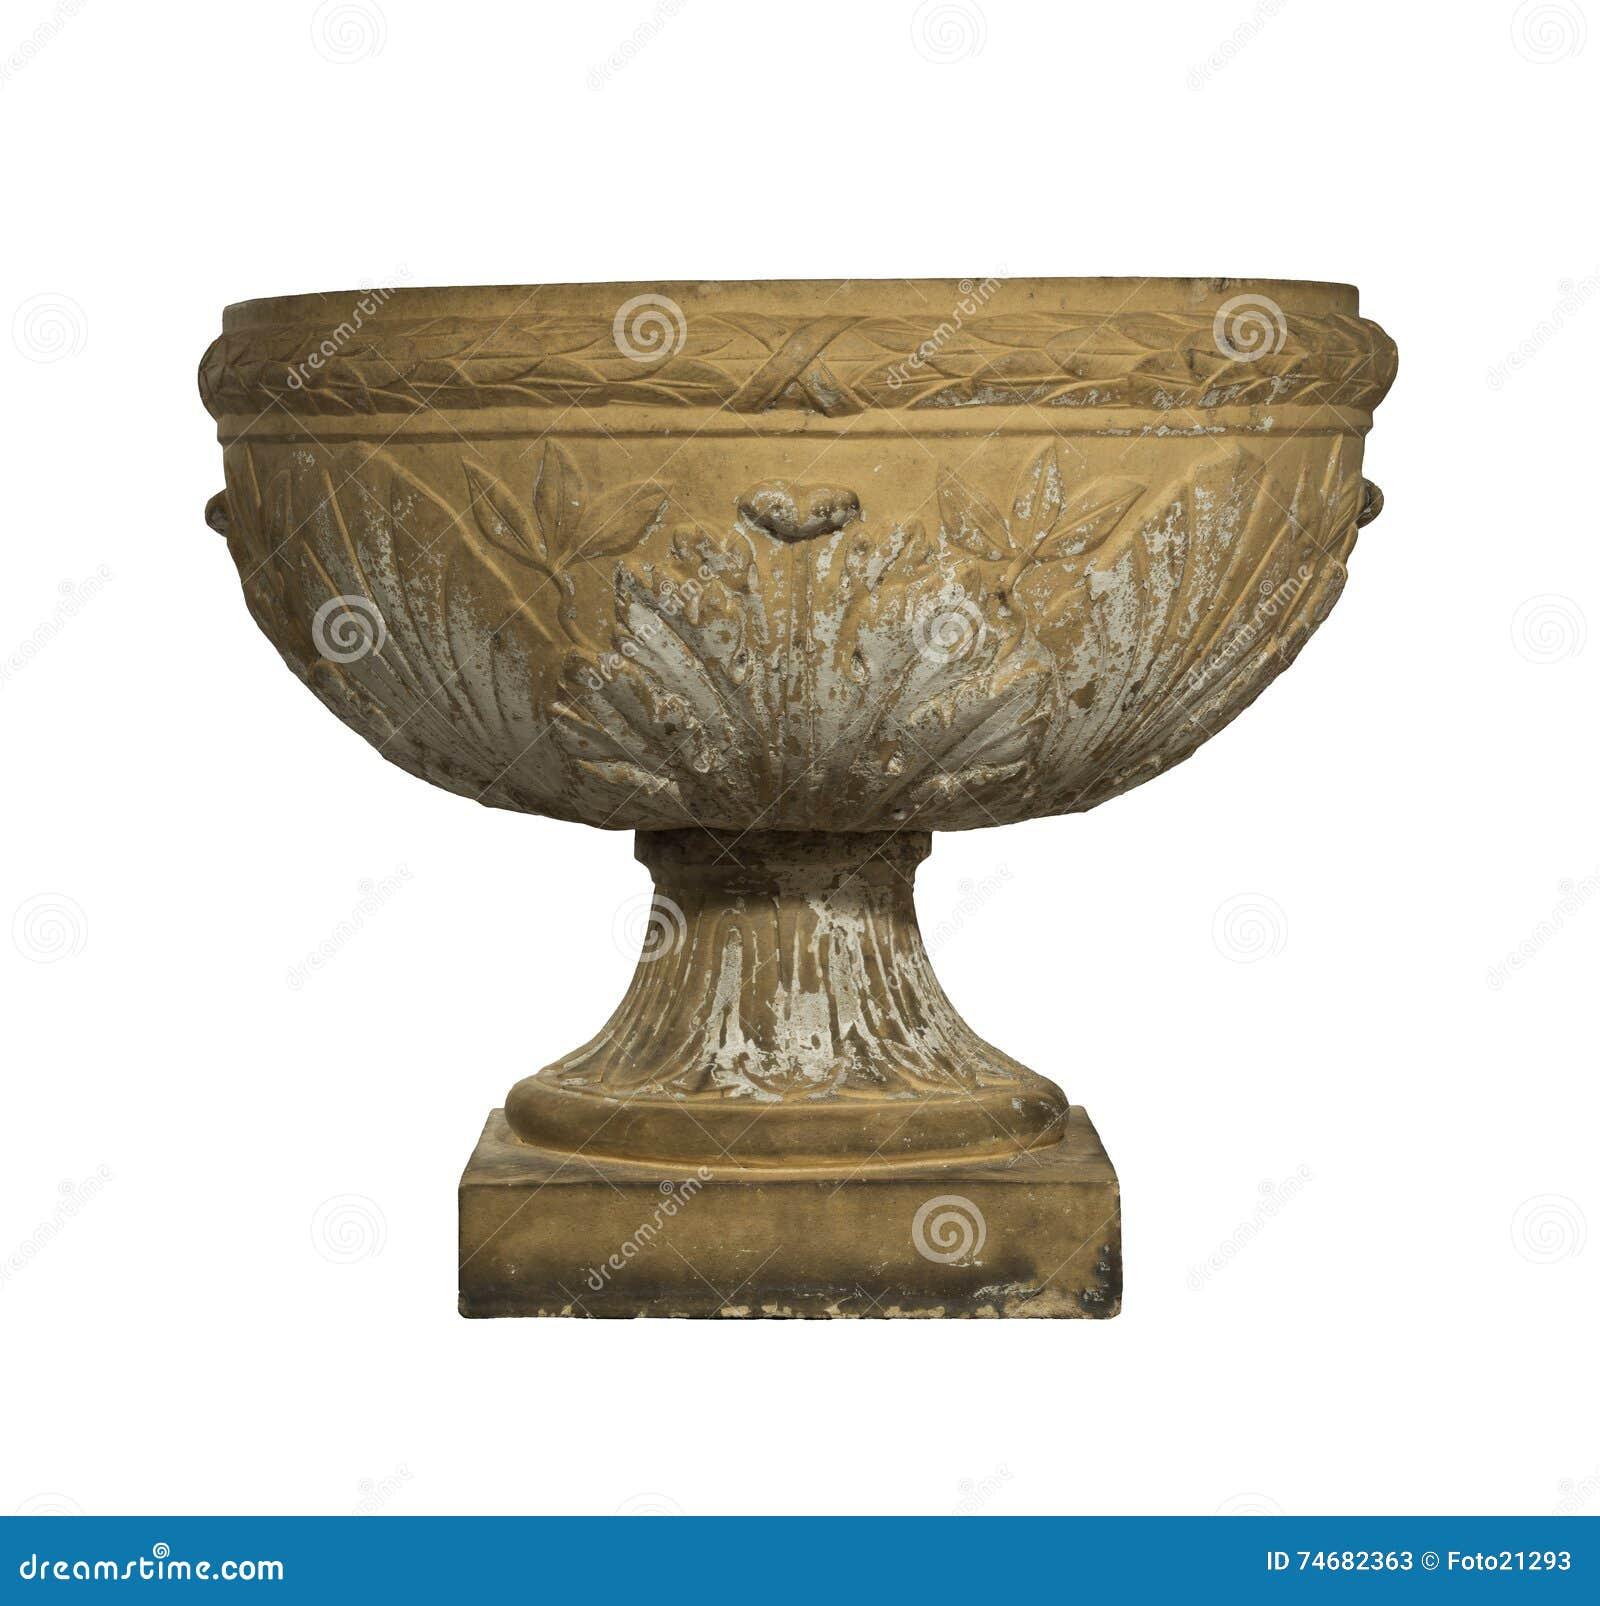 De Urn oude die antiquiteit van het tuinterracotta op wit wordt geïsoleerd